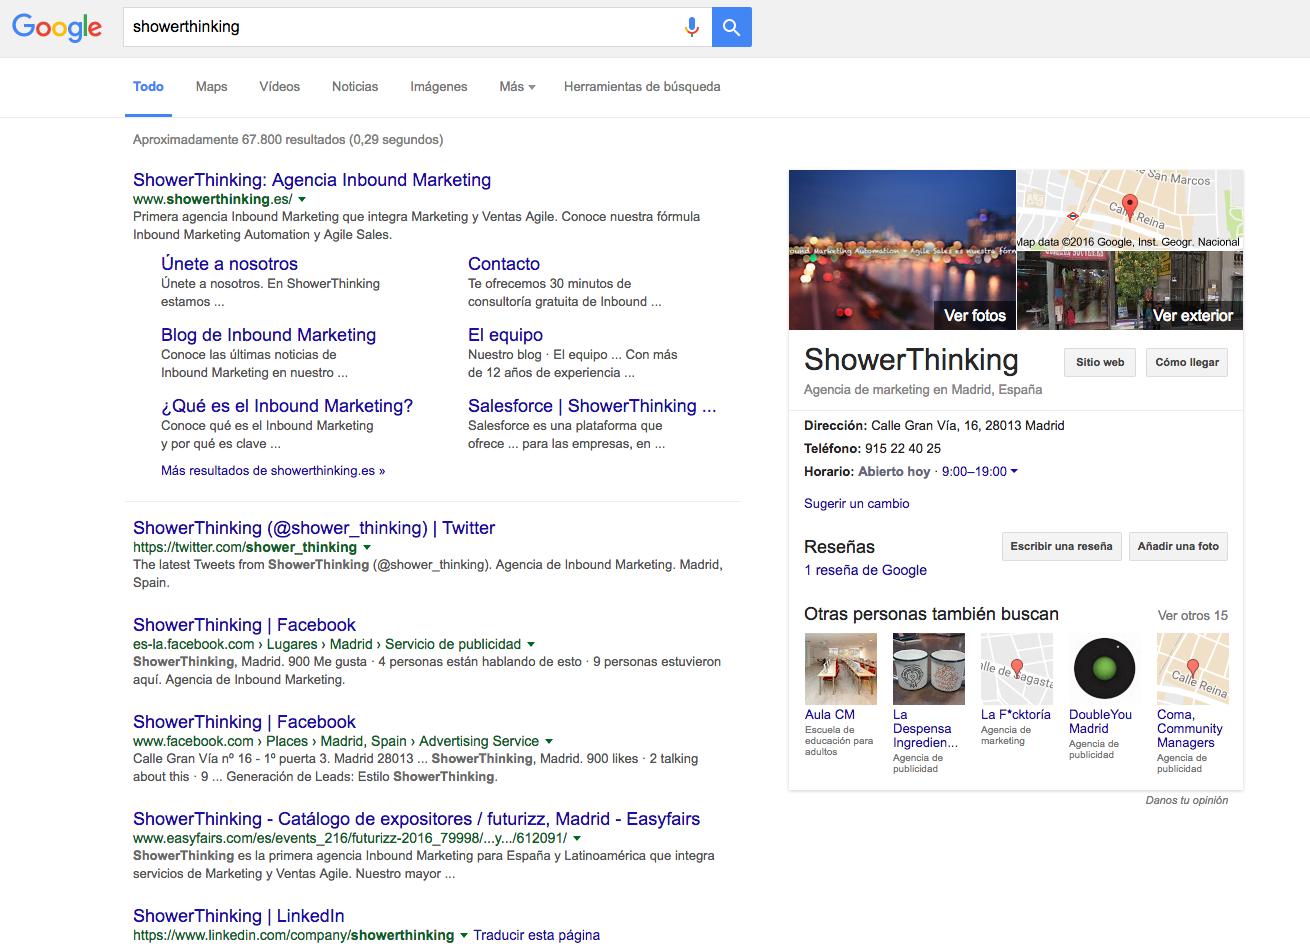 ShowerThinking en Google